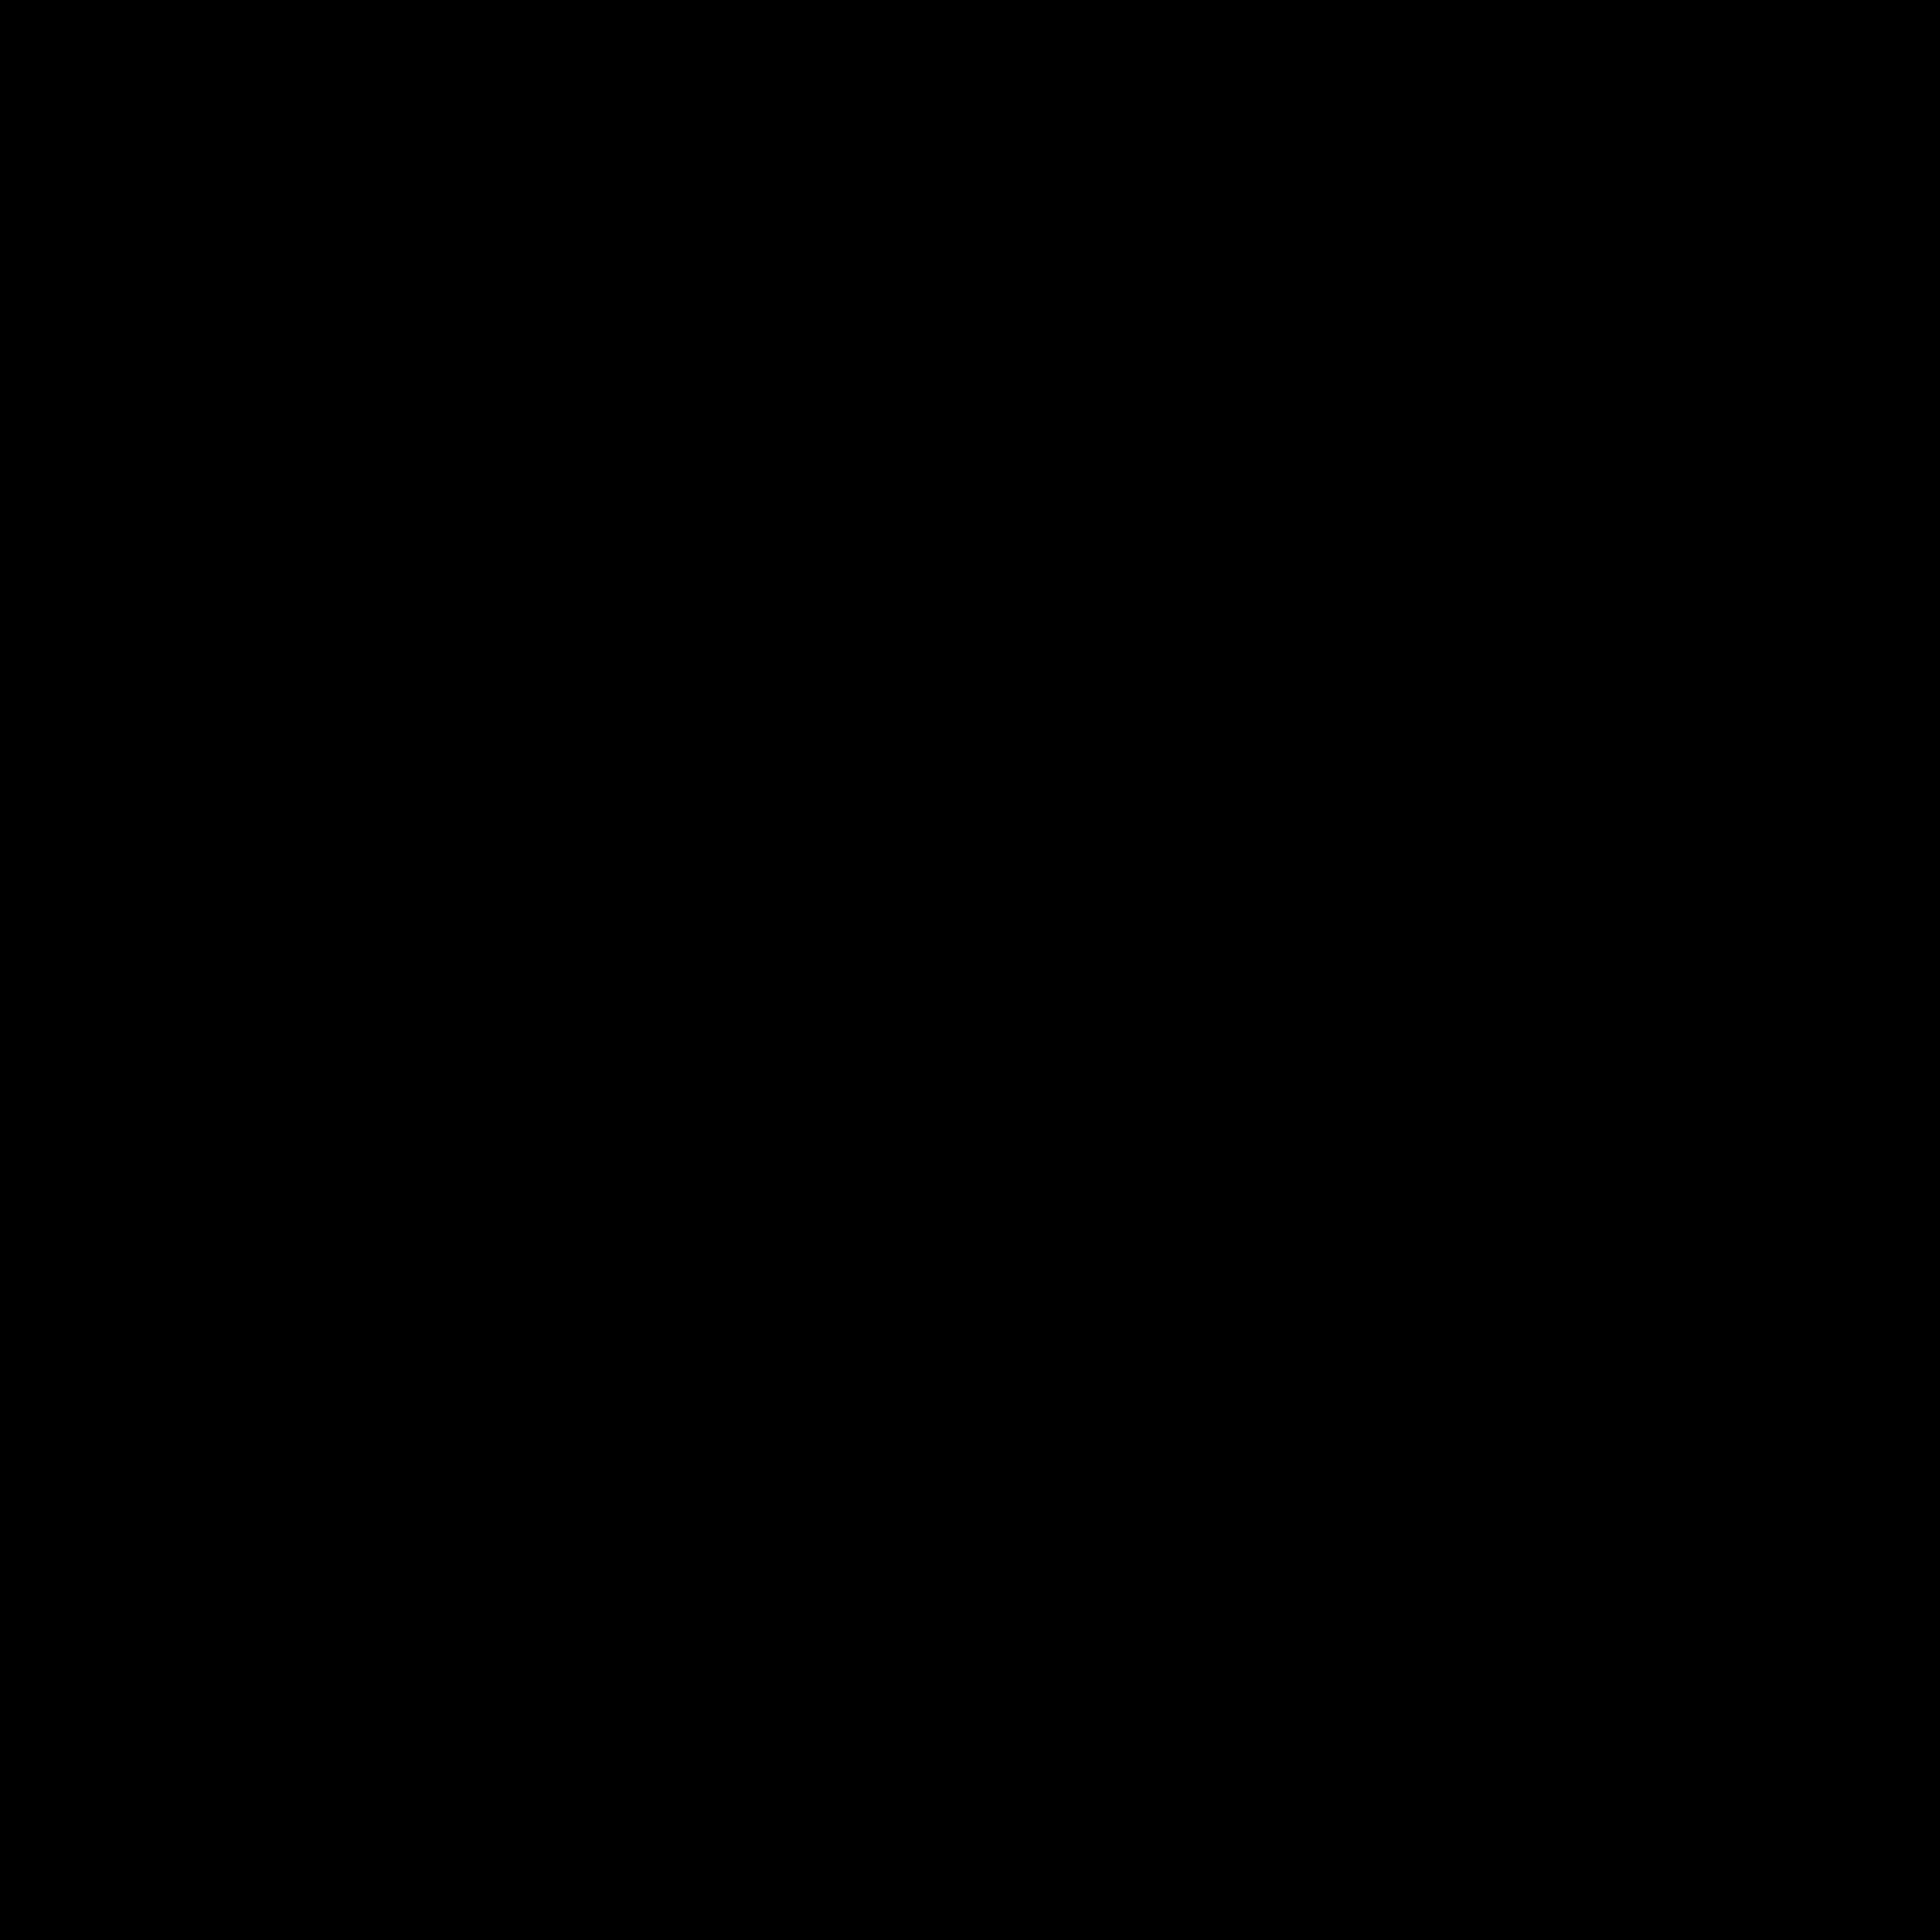 2000x2000 FileCircle mandala drawing.svg